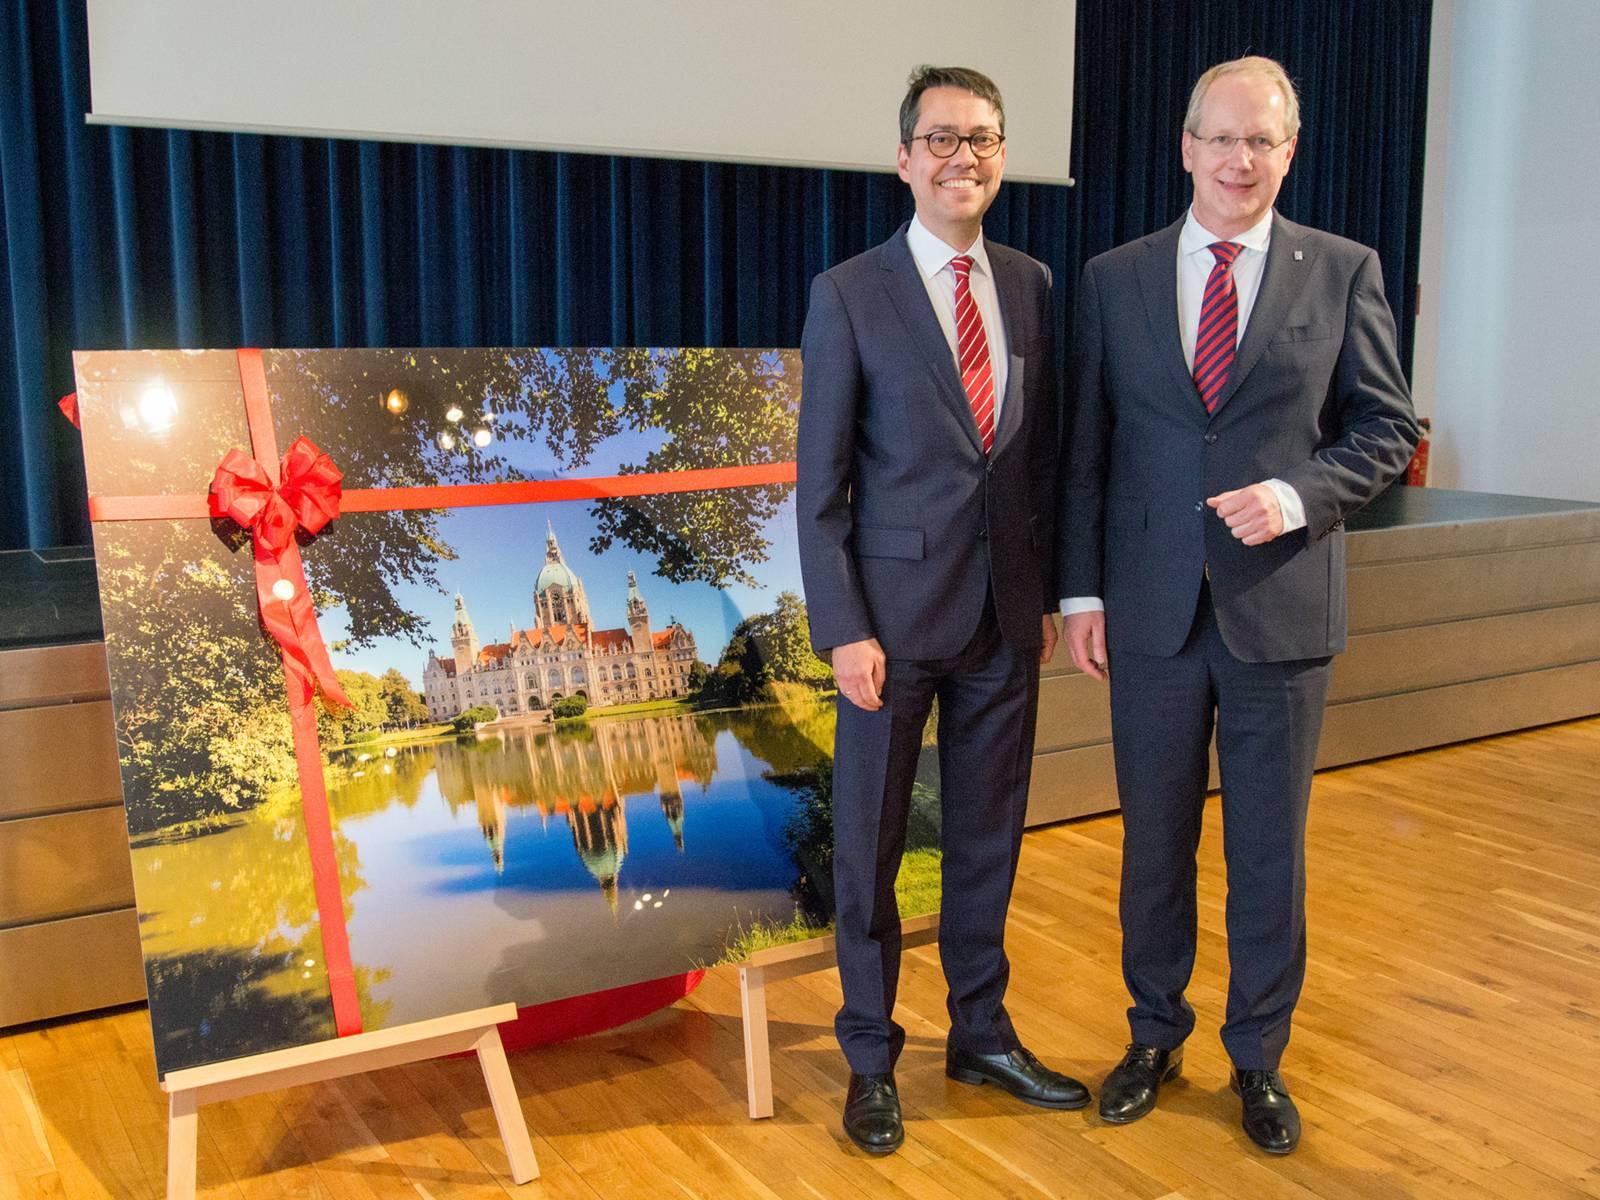 Prof. Dr. Marc Hansmann und Oberbürgermeister Stefan Schstok neben einem großen Acryl-Druck des Neuen Rathauses